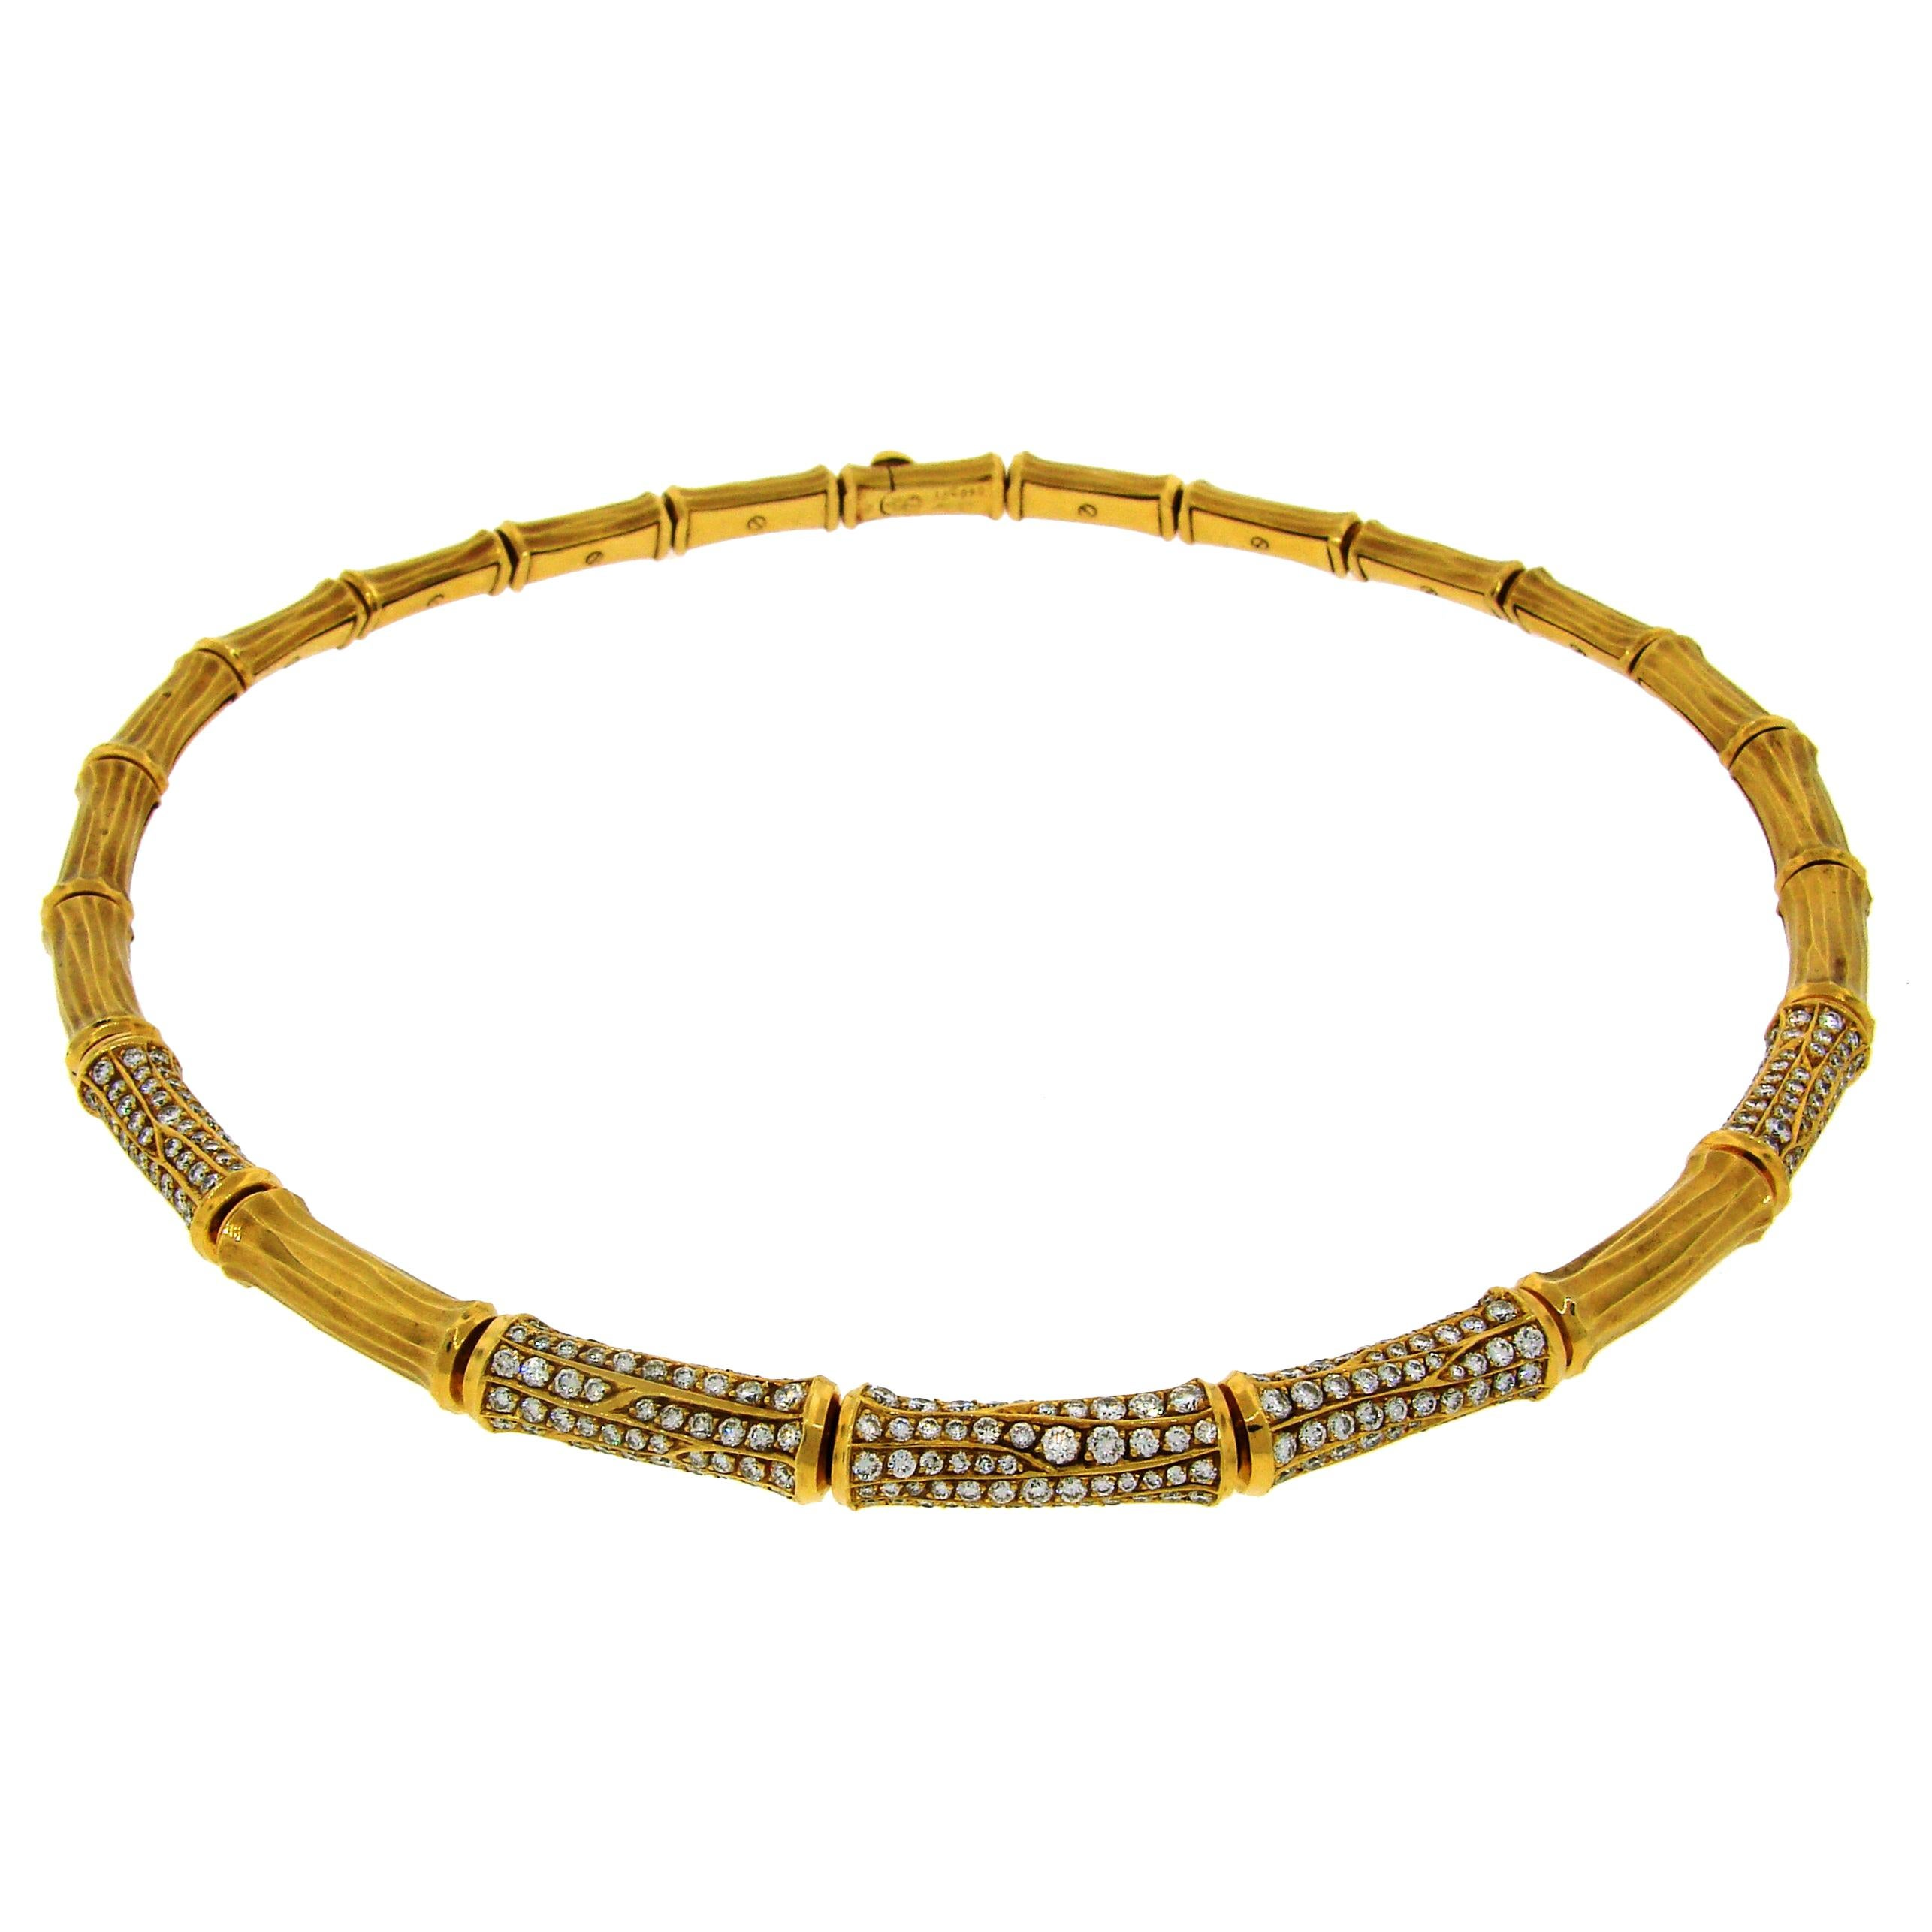 Cartier Diamond Gold Bamboo Necklace